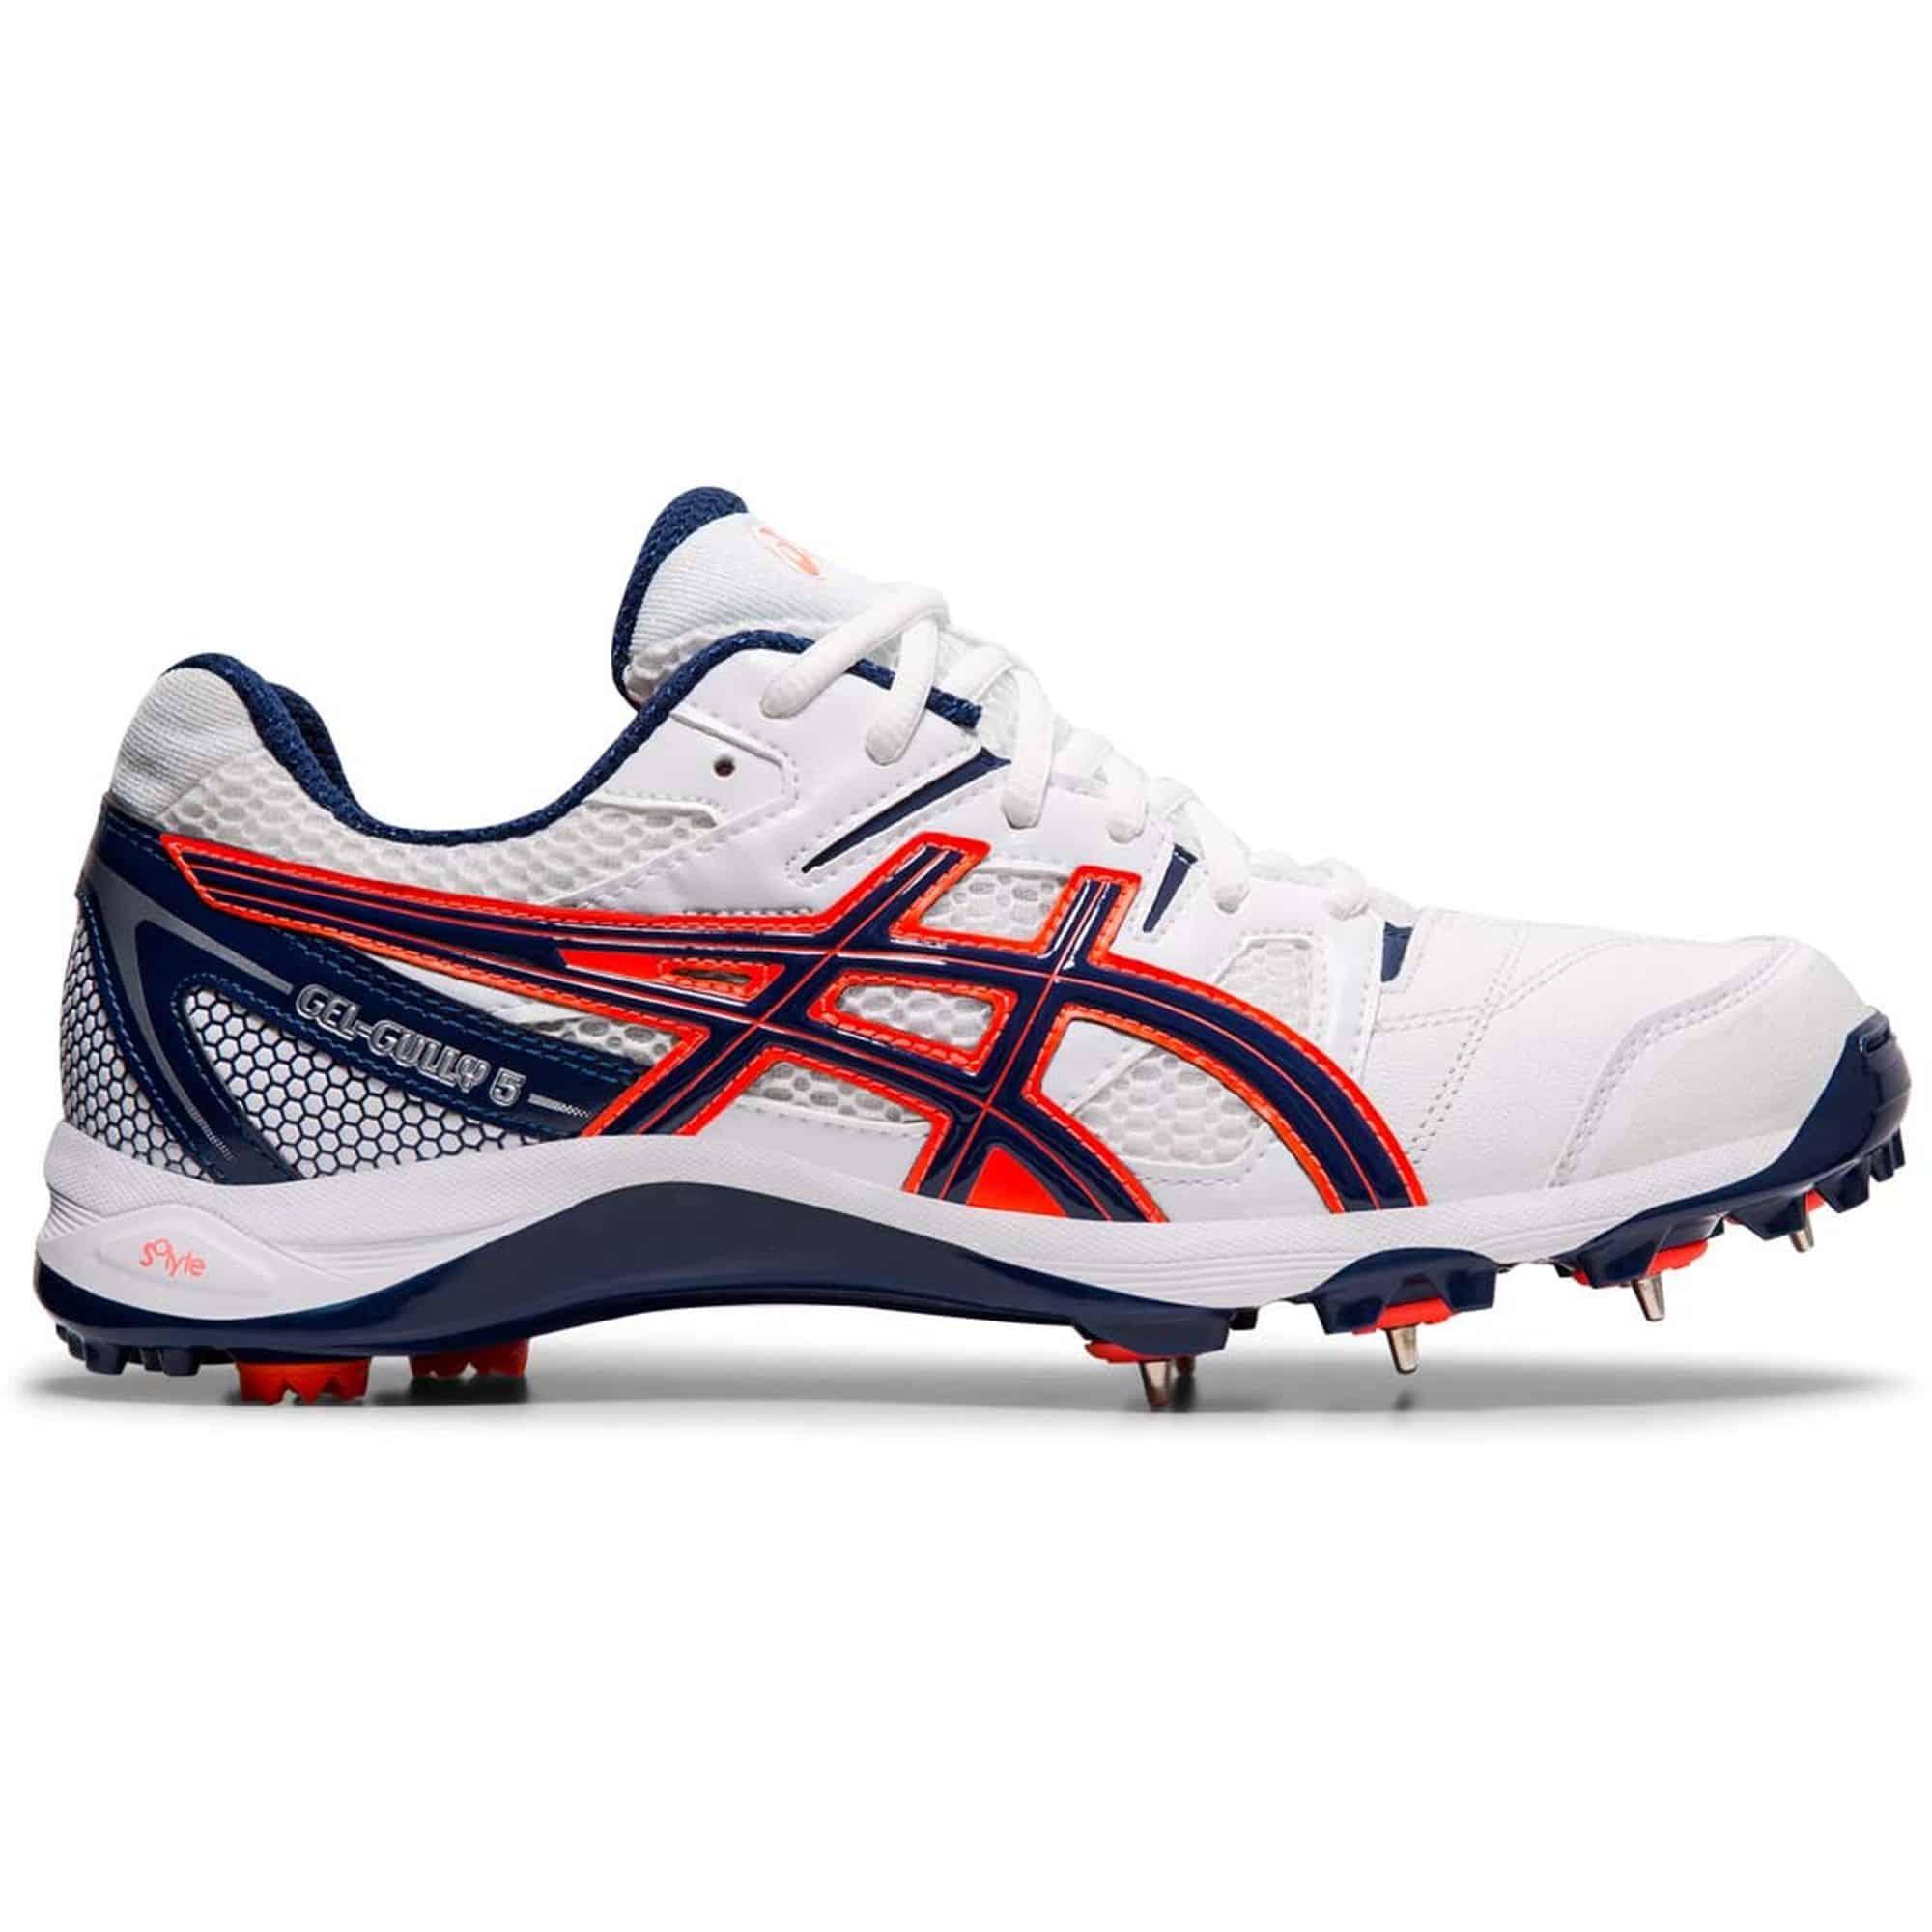 Asics gel gully shoe outside